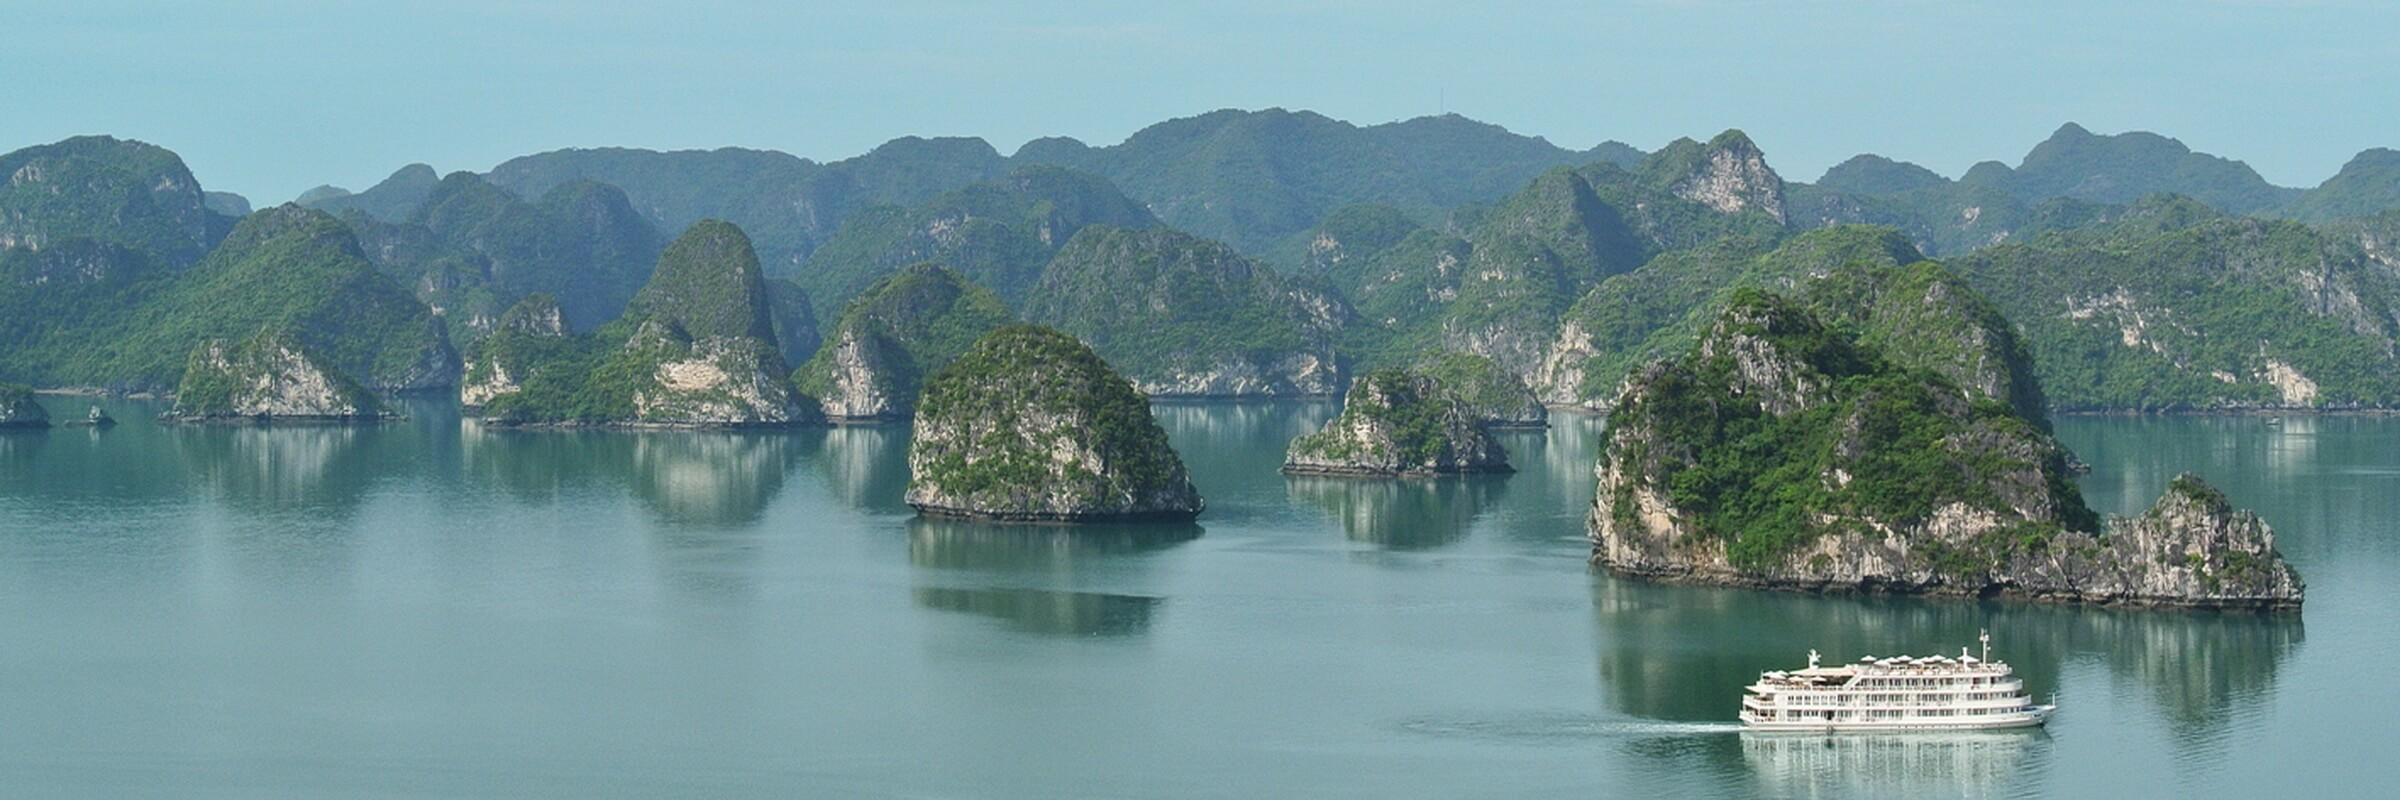 Luxus Kreuzfahrt mit der Au Co durch den Golf von Tonkin mit den Buchten Halong, Bai Tu und Lan Ha sowie der Insel Cat Ba